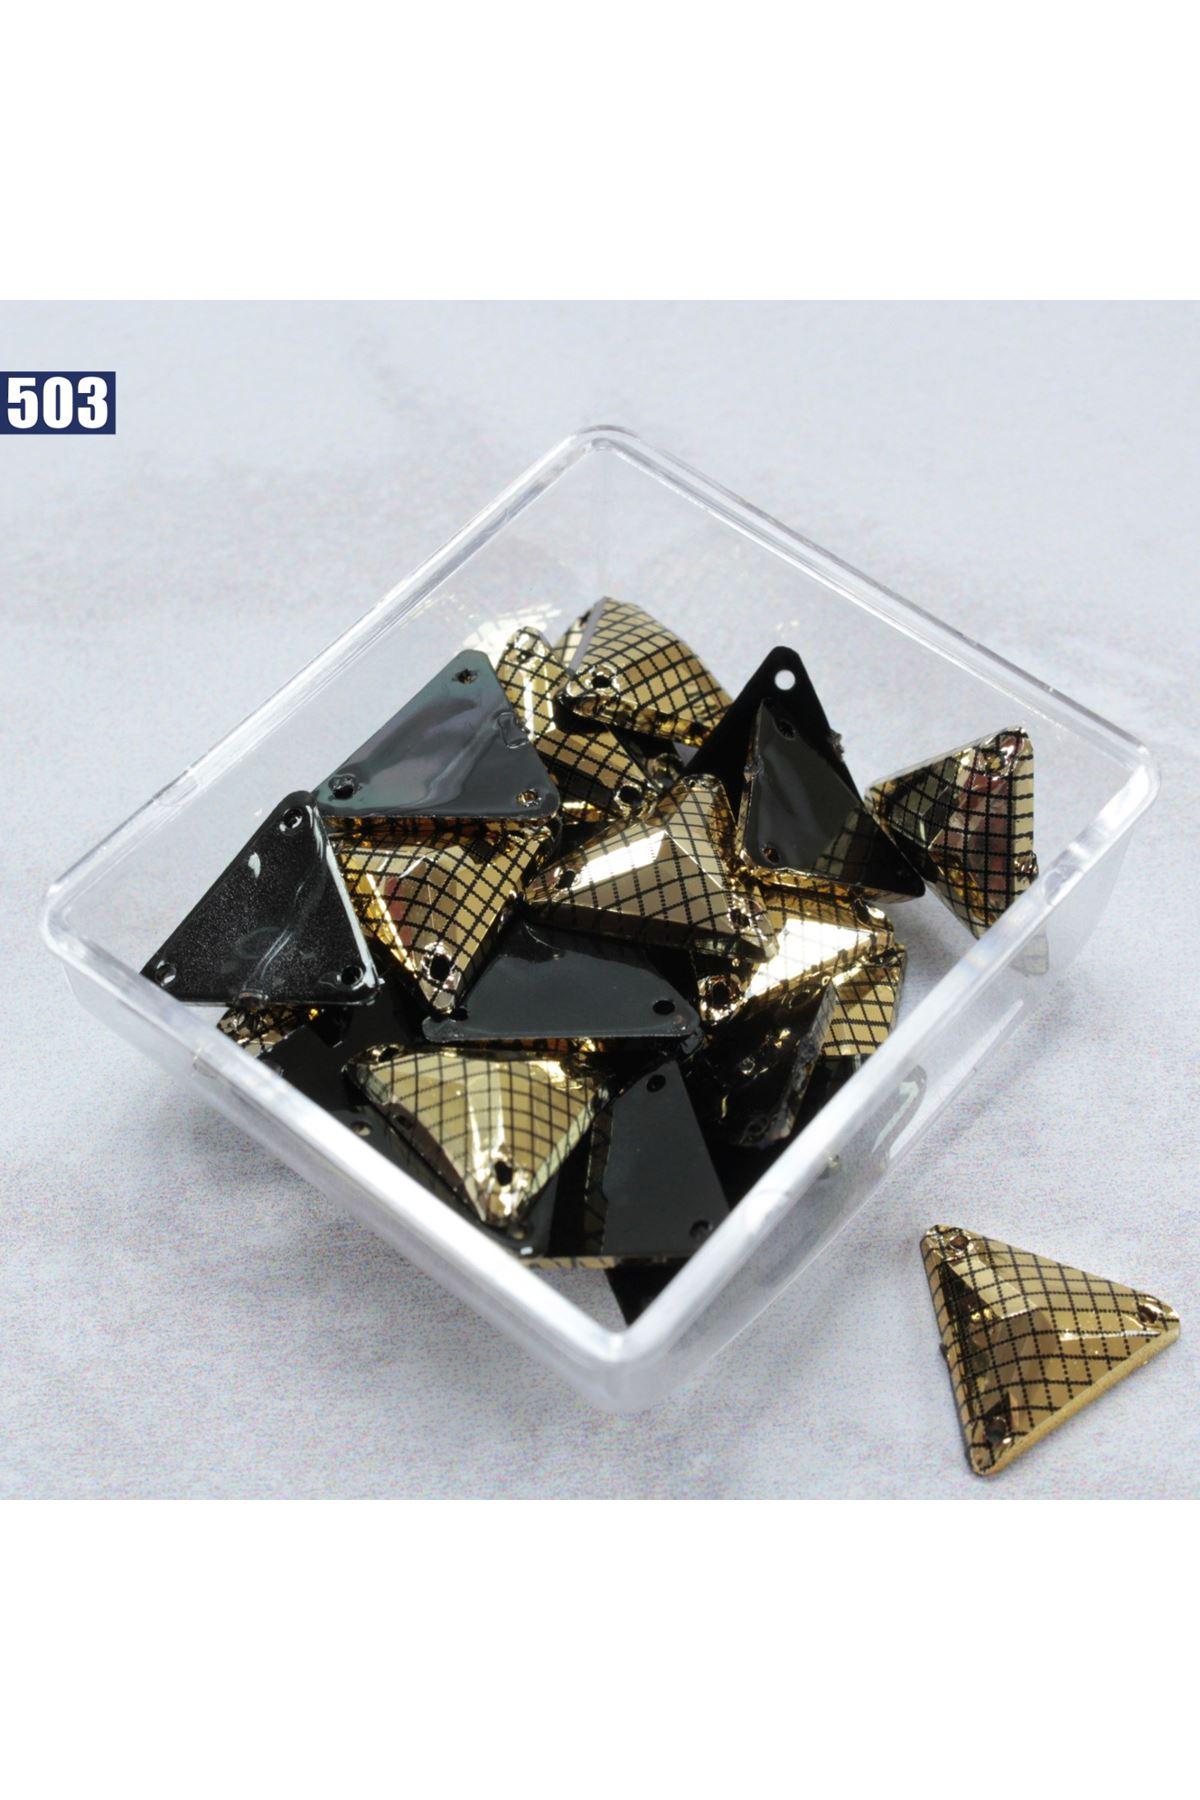 Boncuk 10 gram -503